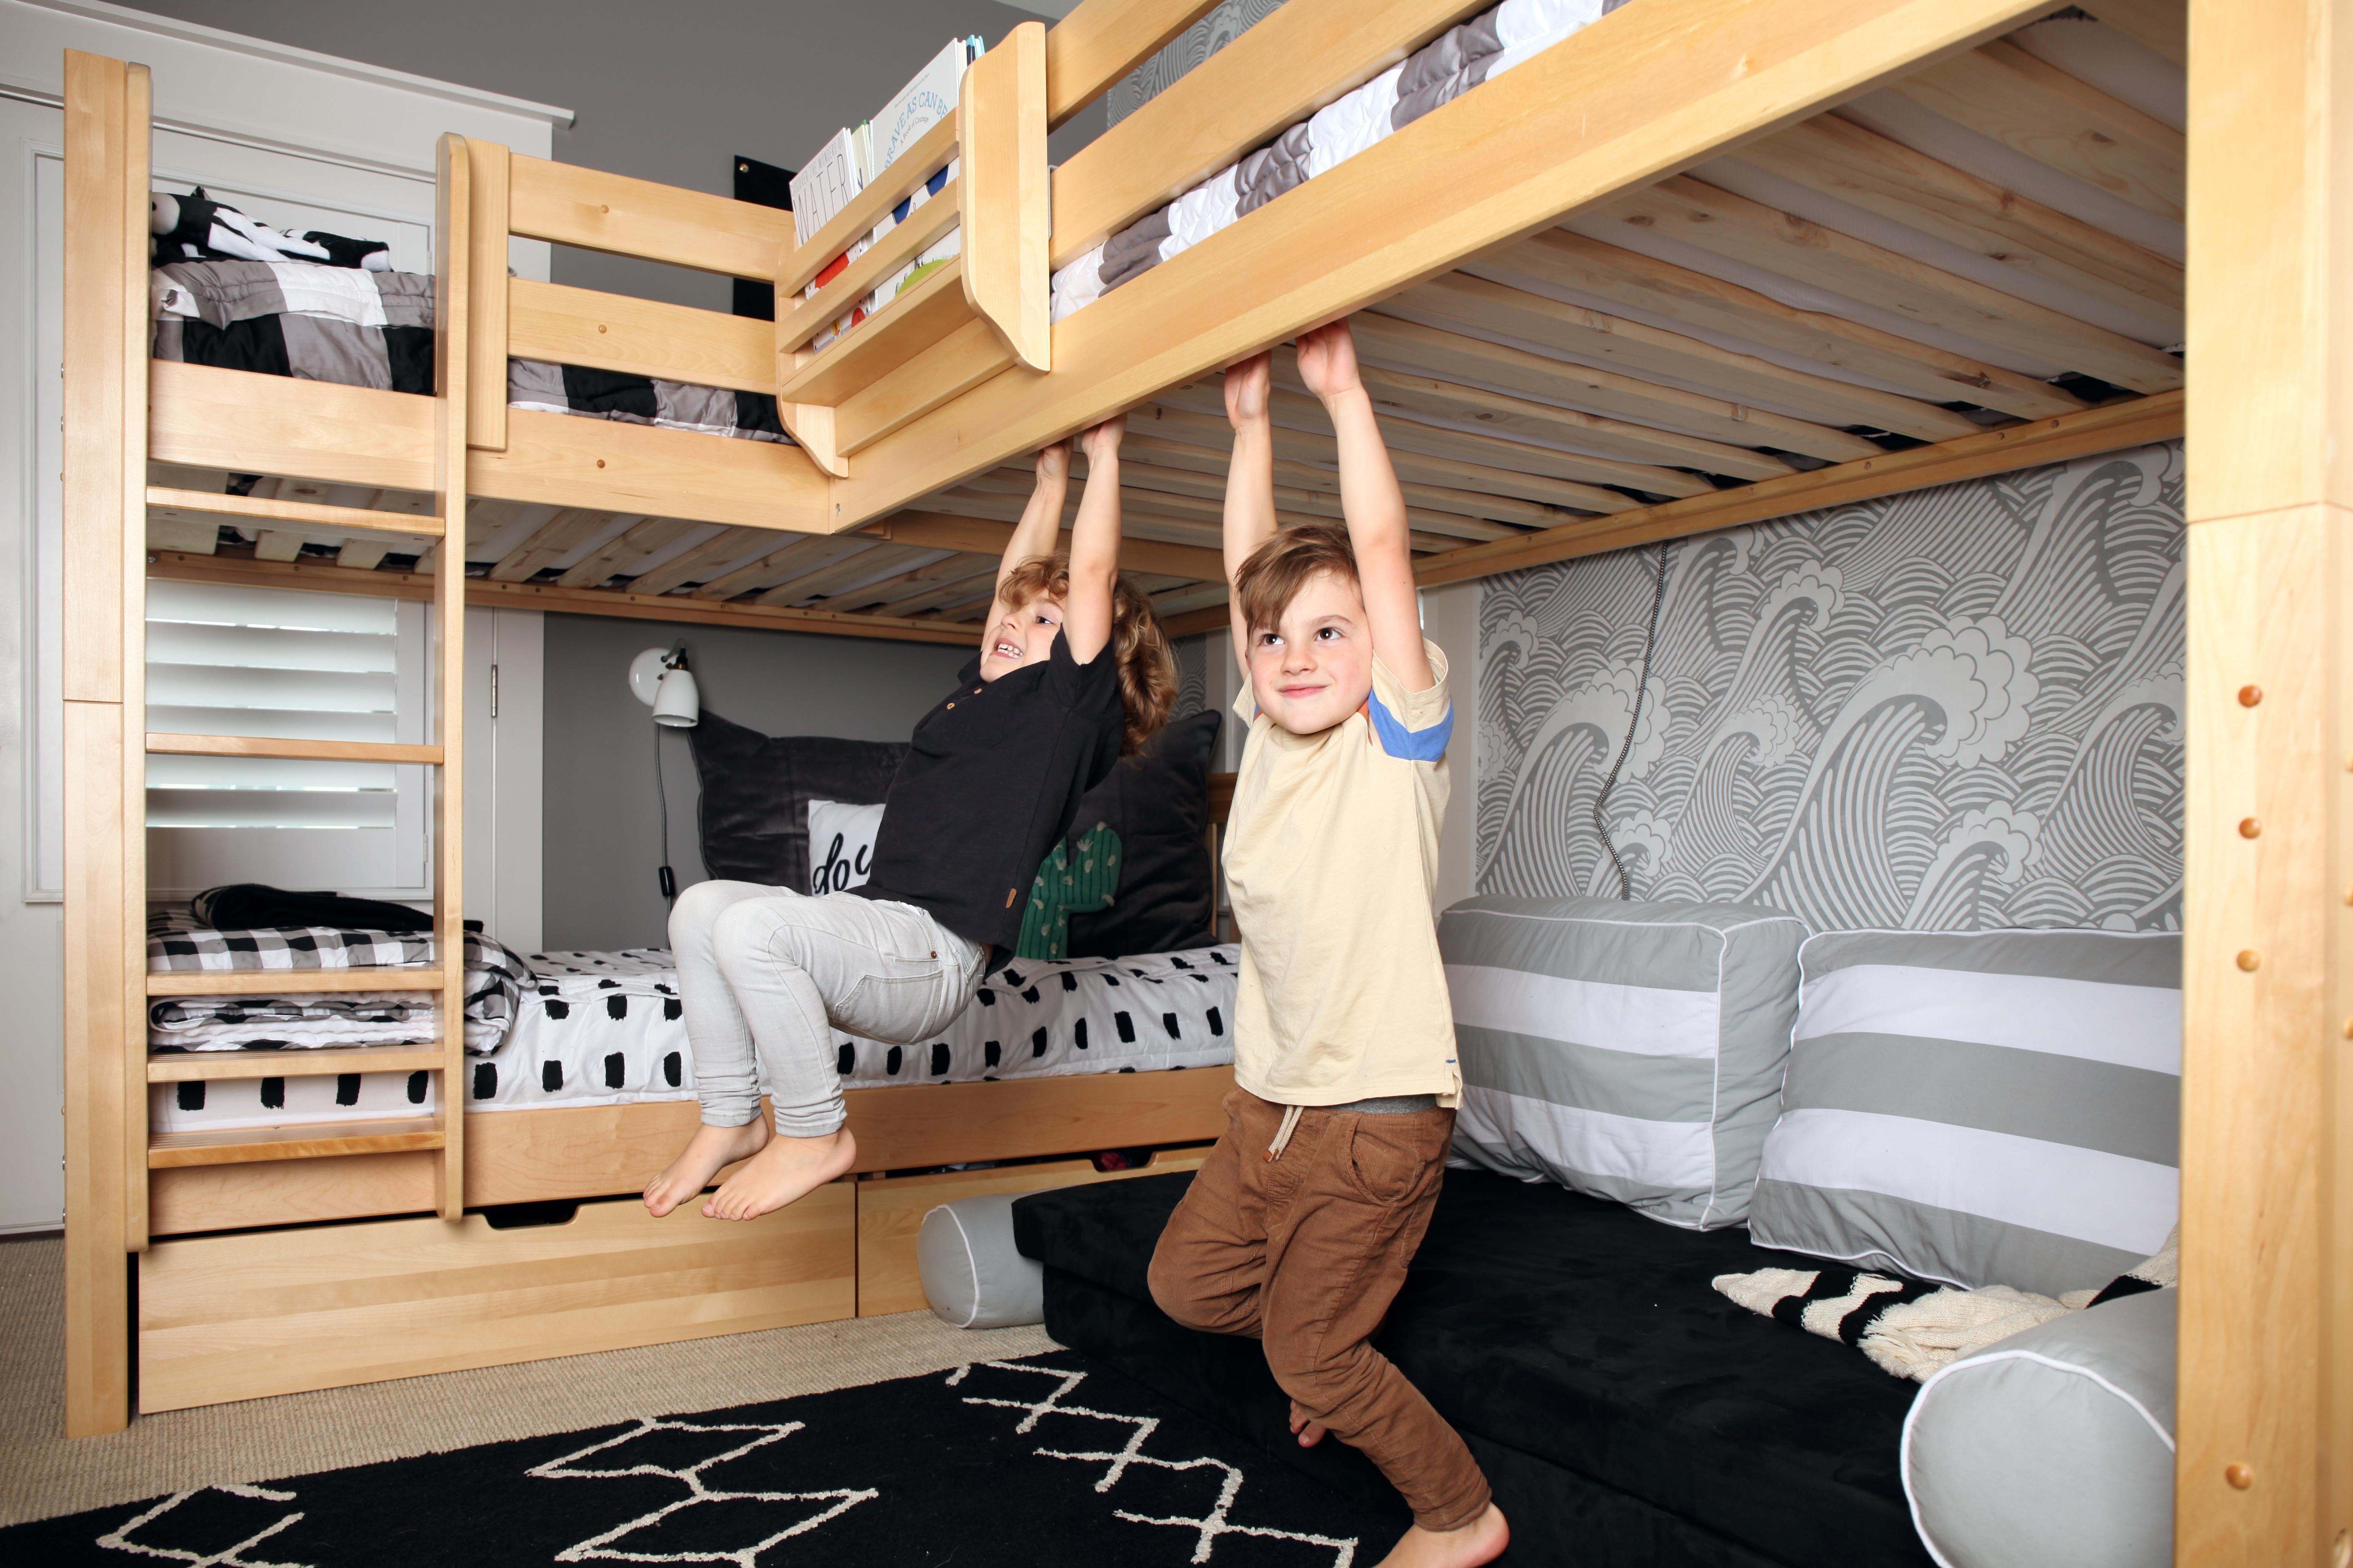 Accessoire Chambre D Enfant aménager la chambre d'enfant : la parfaite optimisation de l